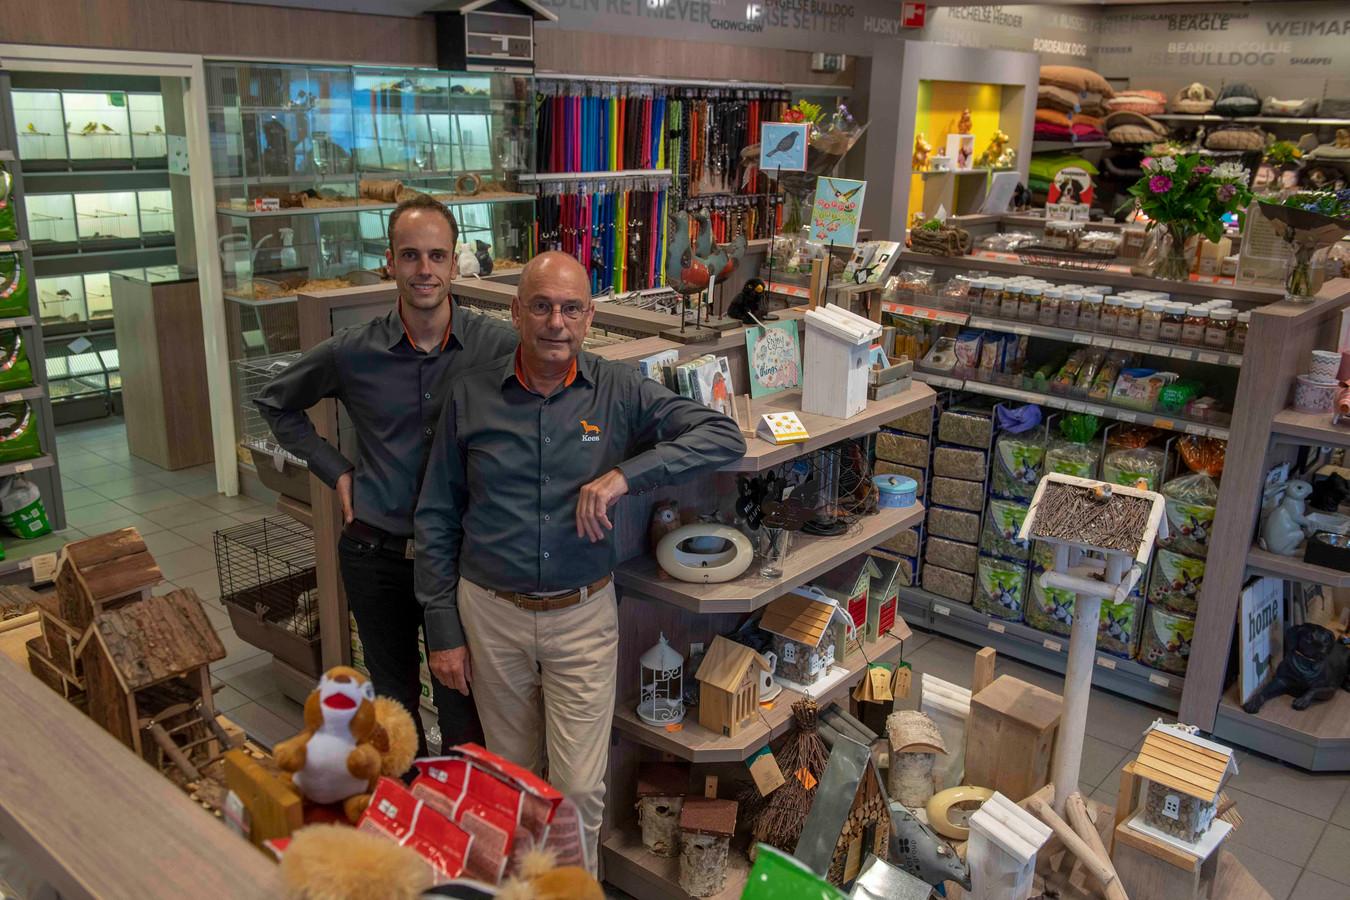 Sander en Kees van Gils in de winkel.